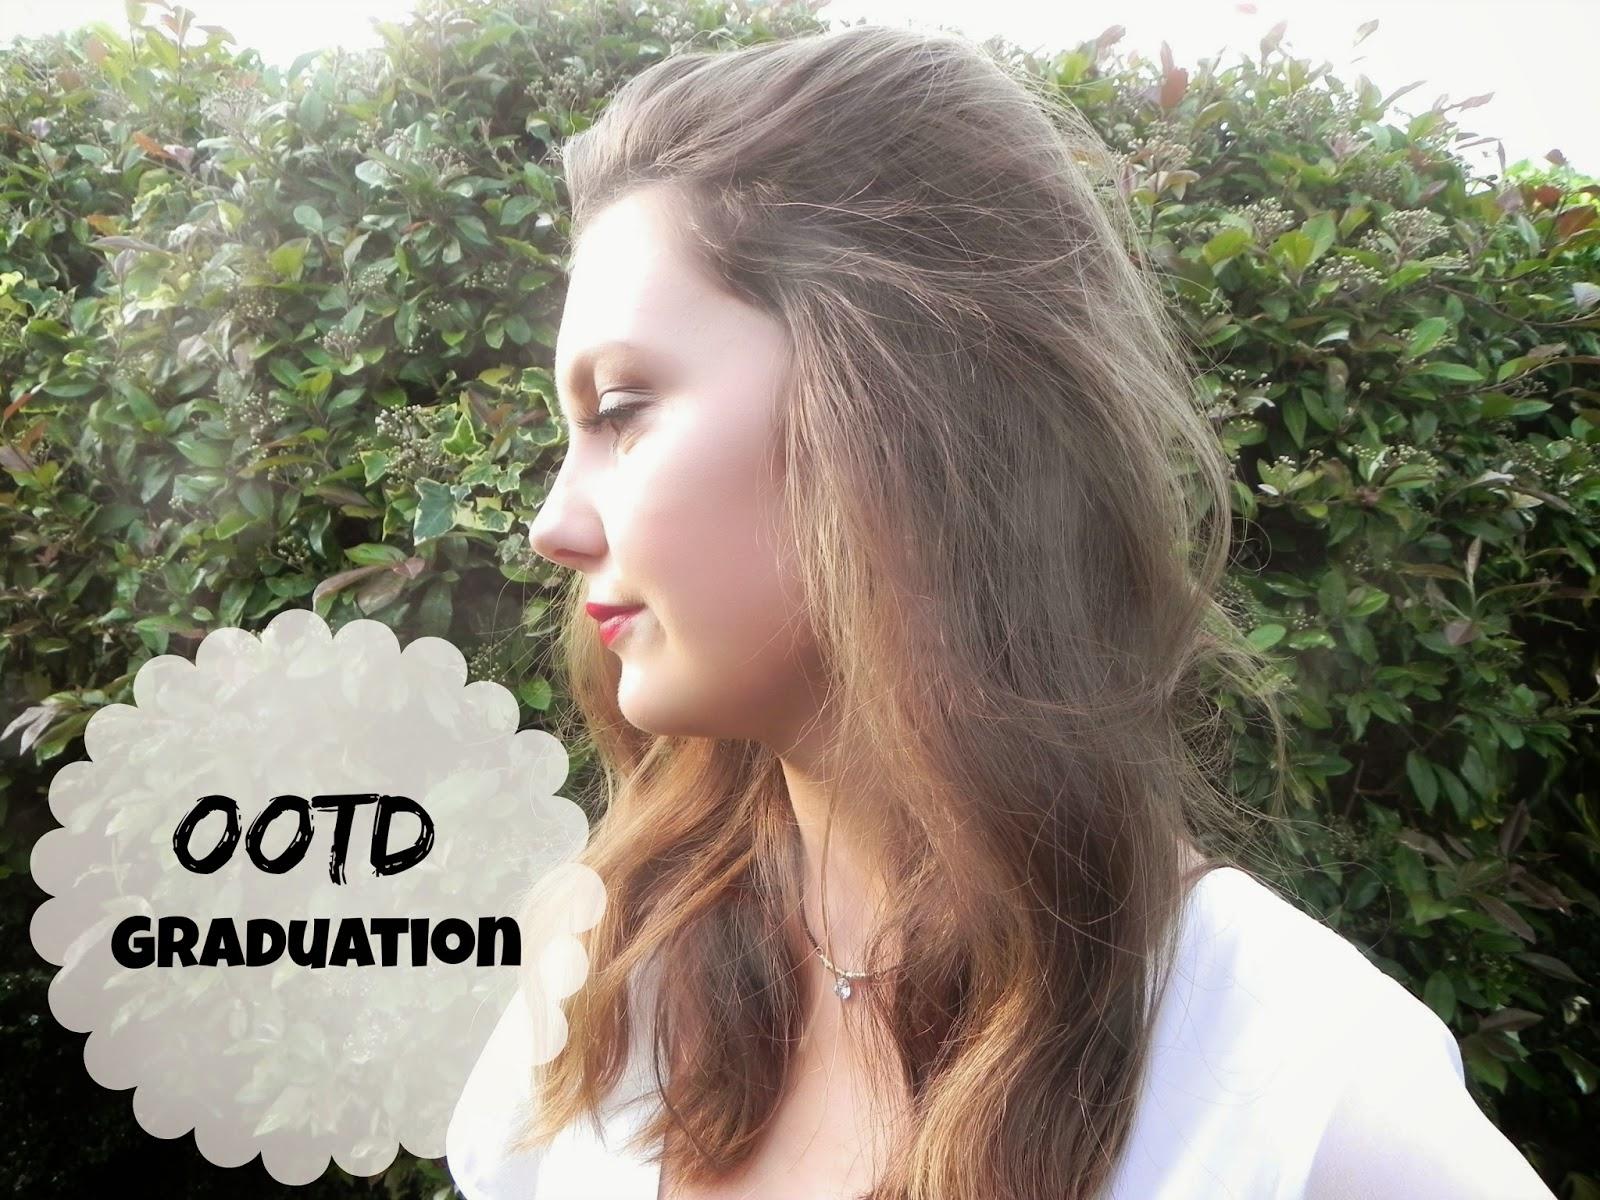 OOTD: Graduation